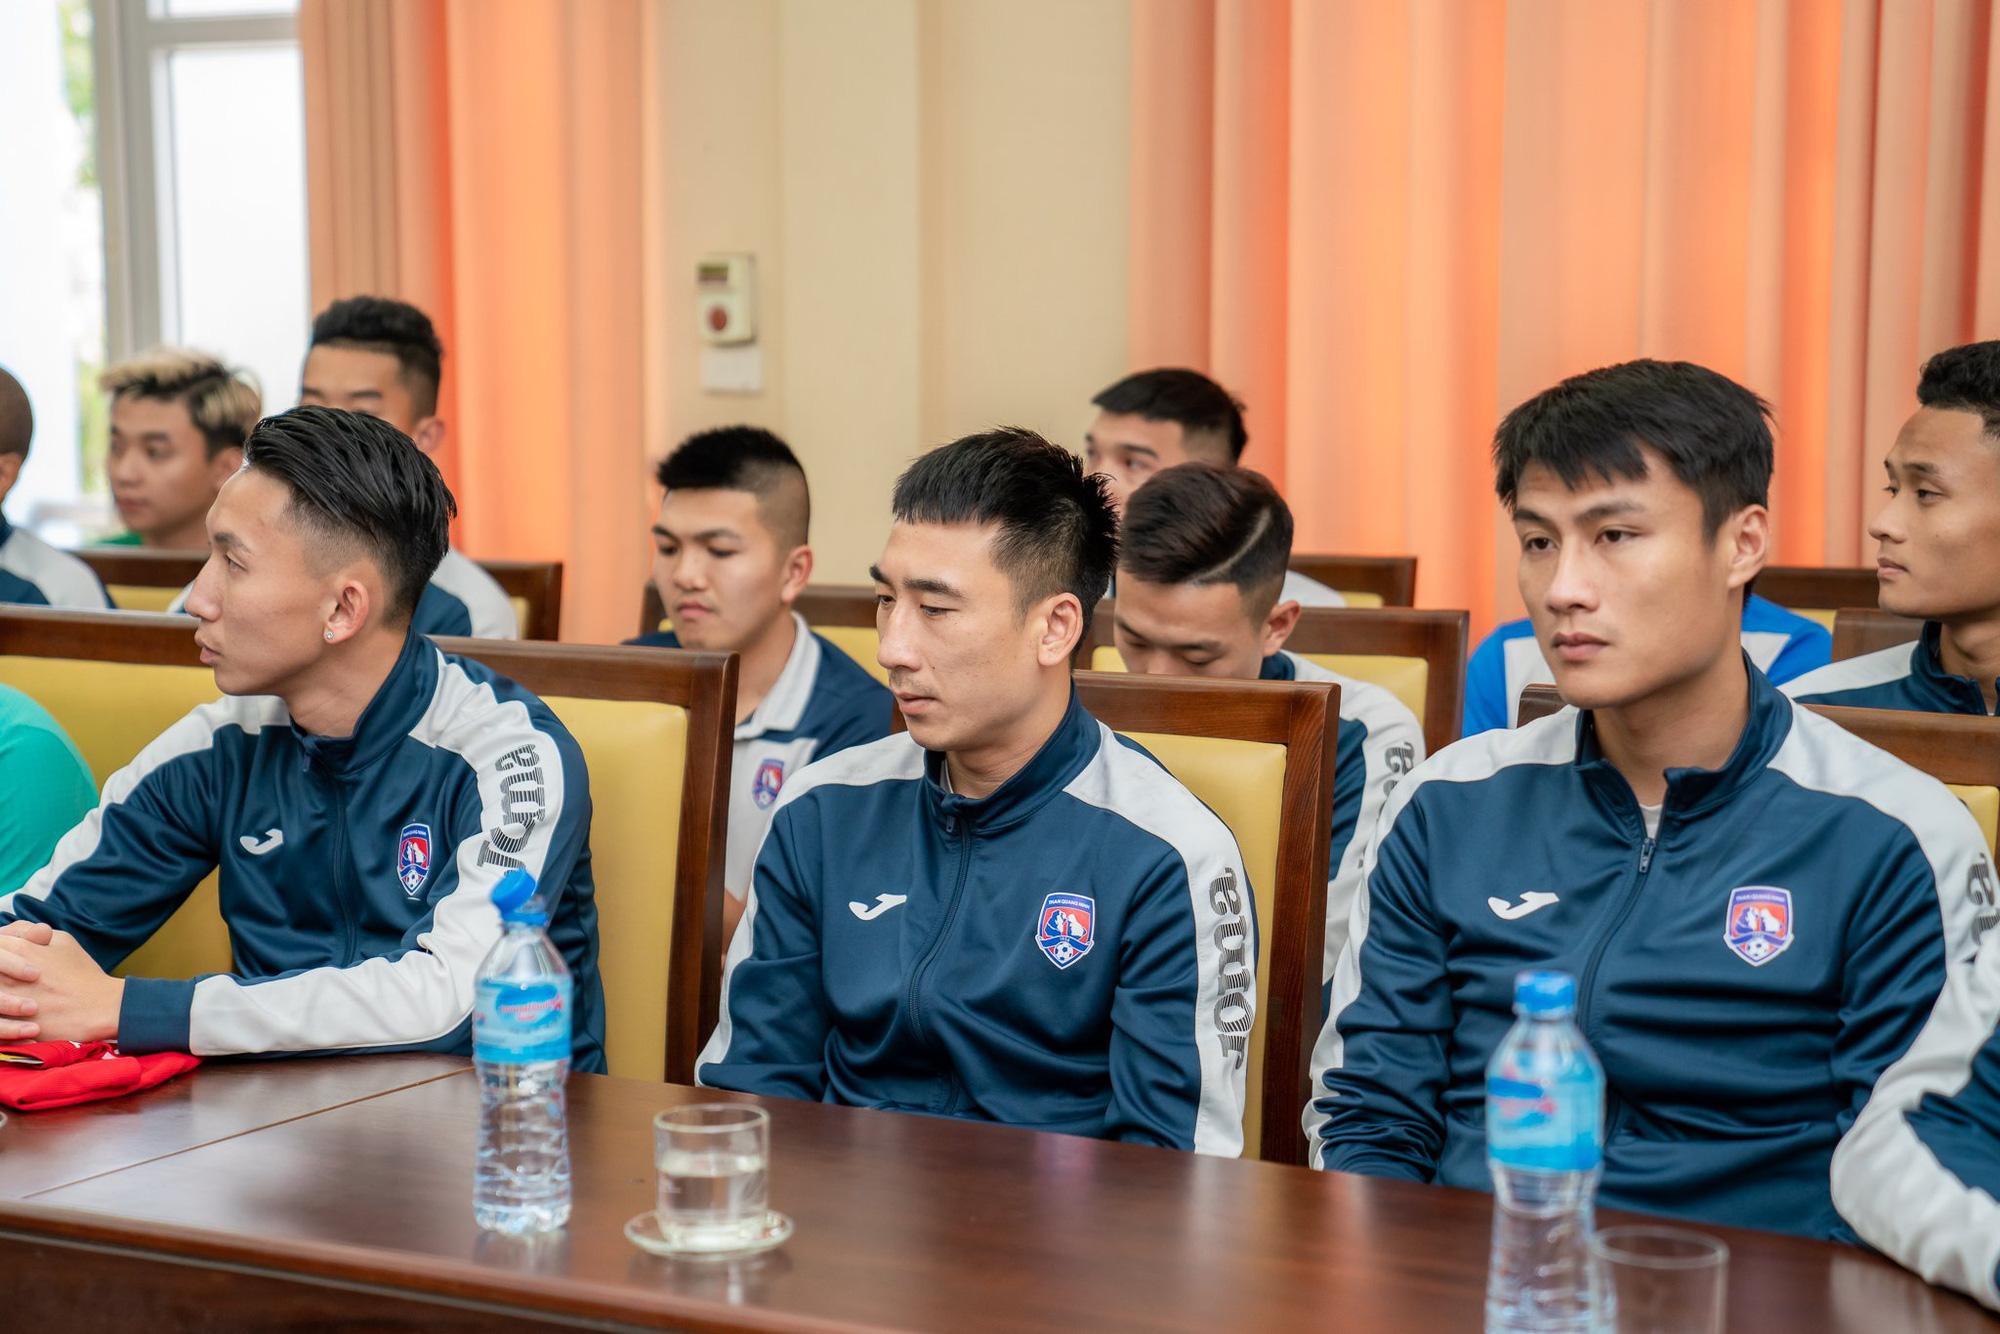 CLB Than Quảng Ninh được nhóm CĐV đặc biệt tặng 1,5 tỷ